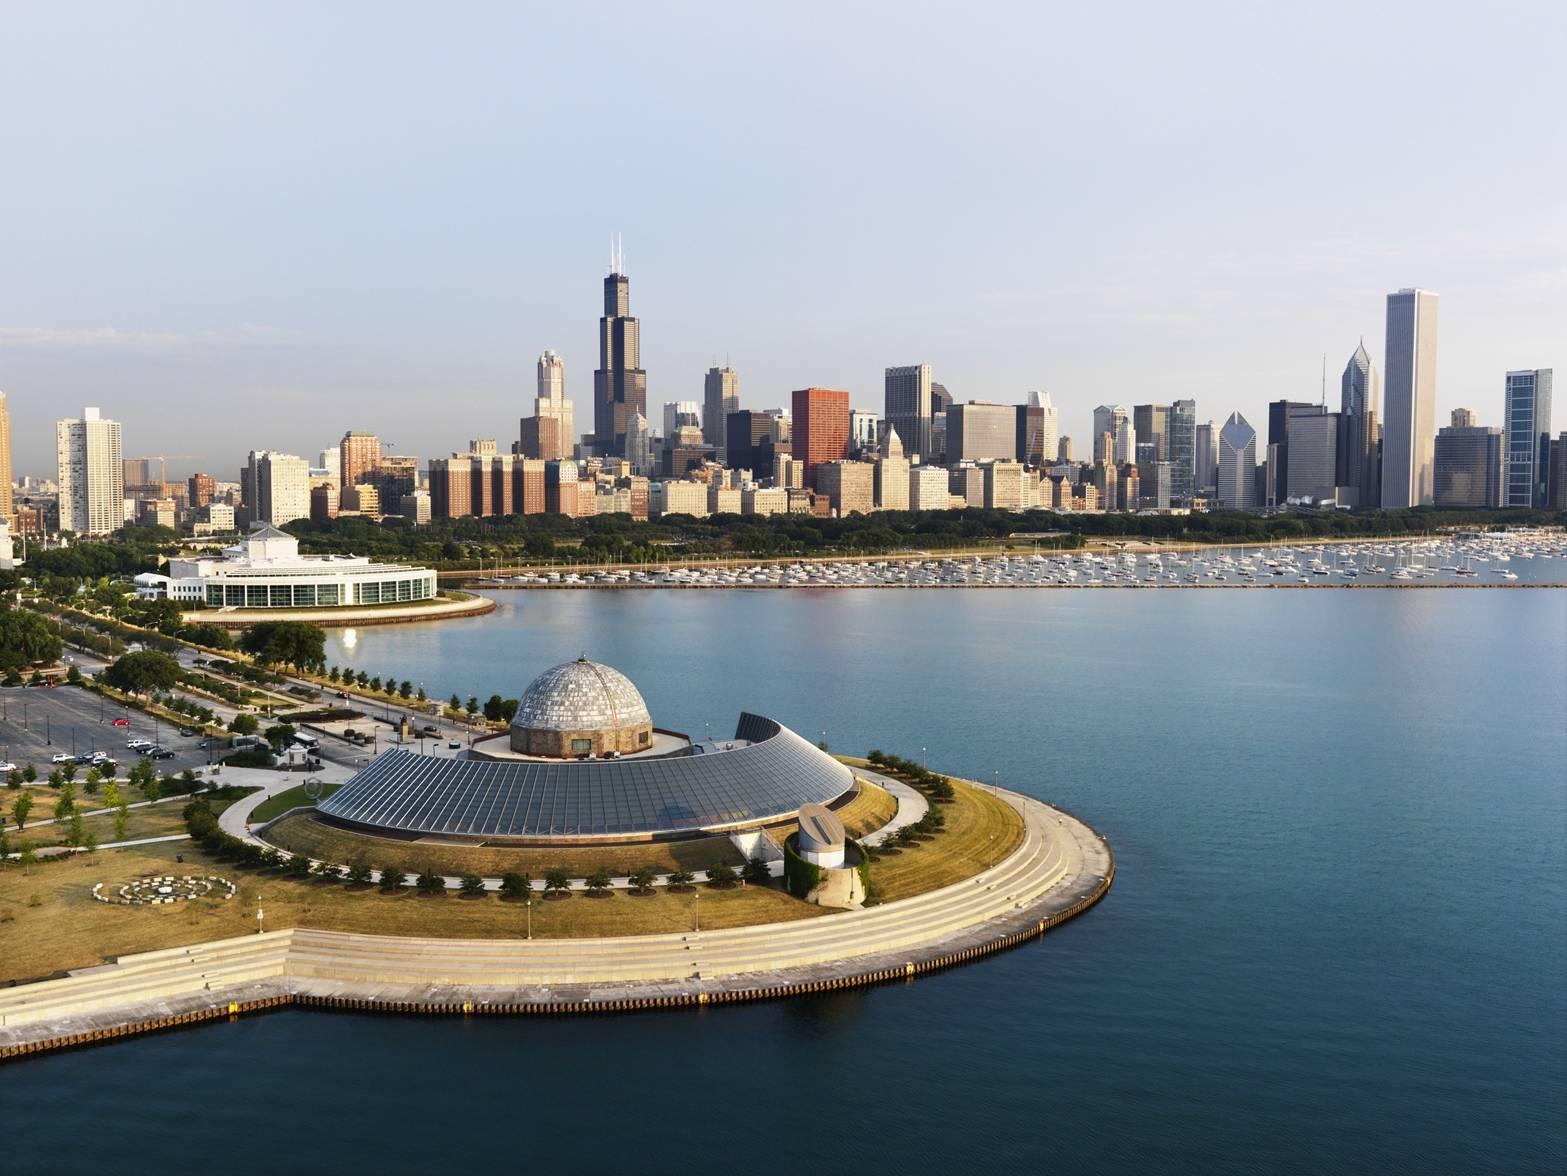 Adler Planetarium Urban Quest In Chicago Illinois Tours4fun